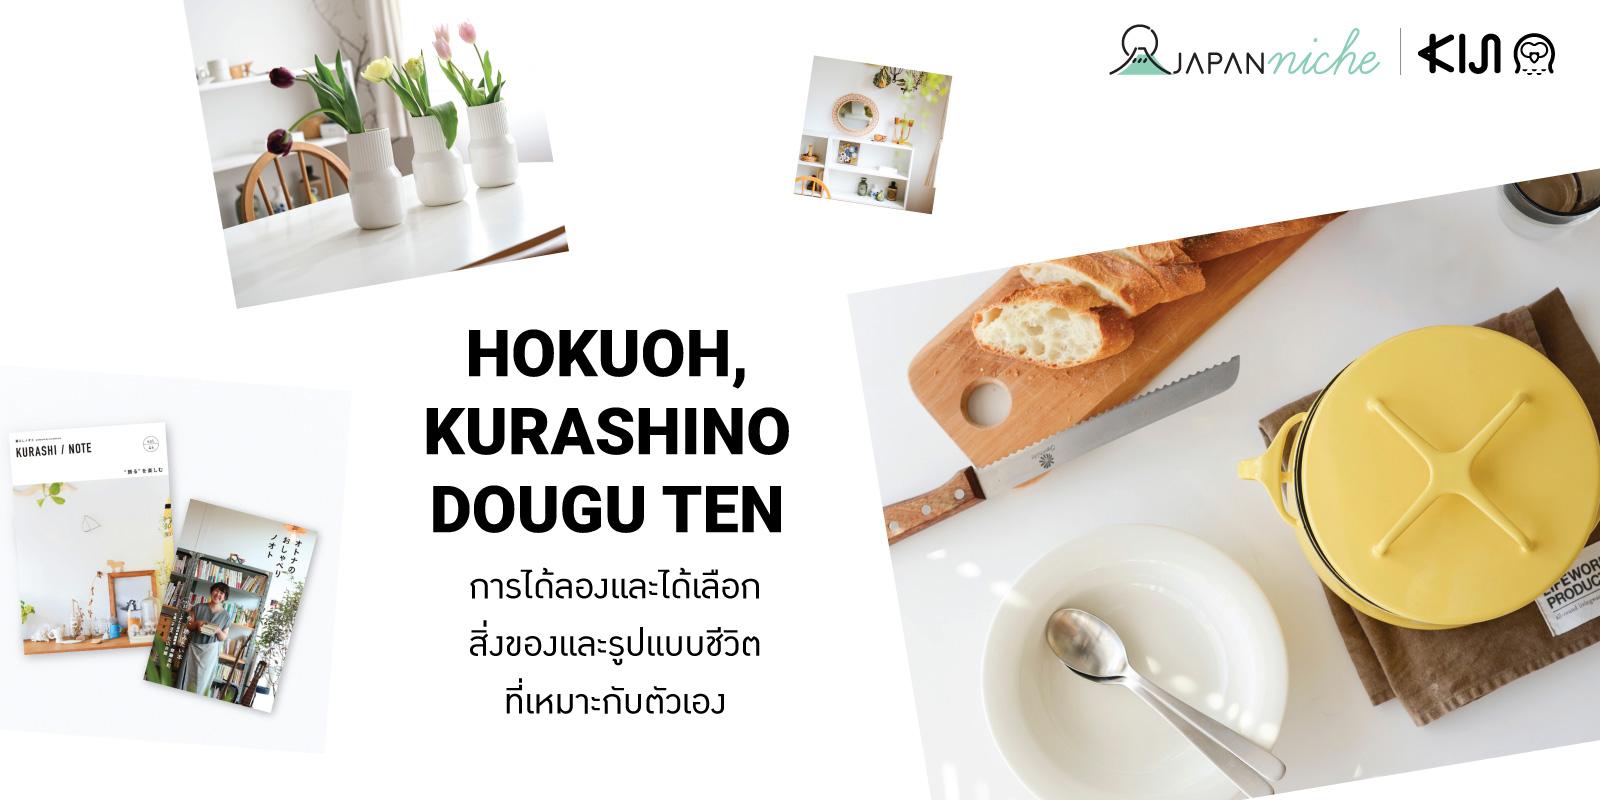 ร้านออนไลน์สัญชาติญี่ปุ่น HOKUOH KURASHINO DOUGU TEN